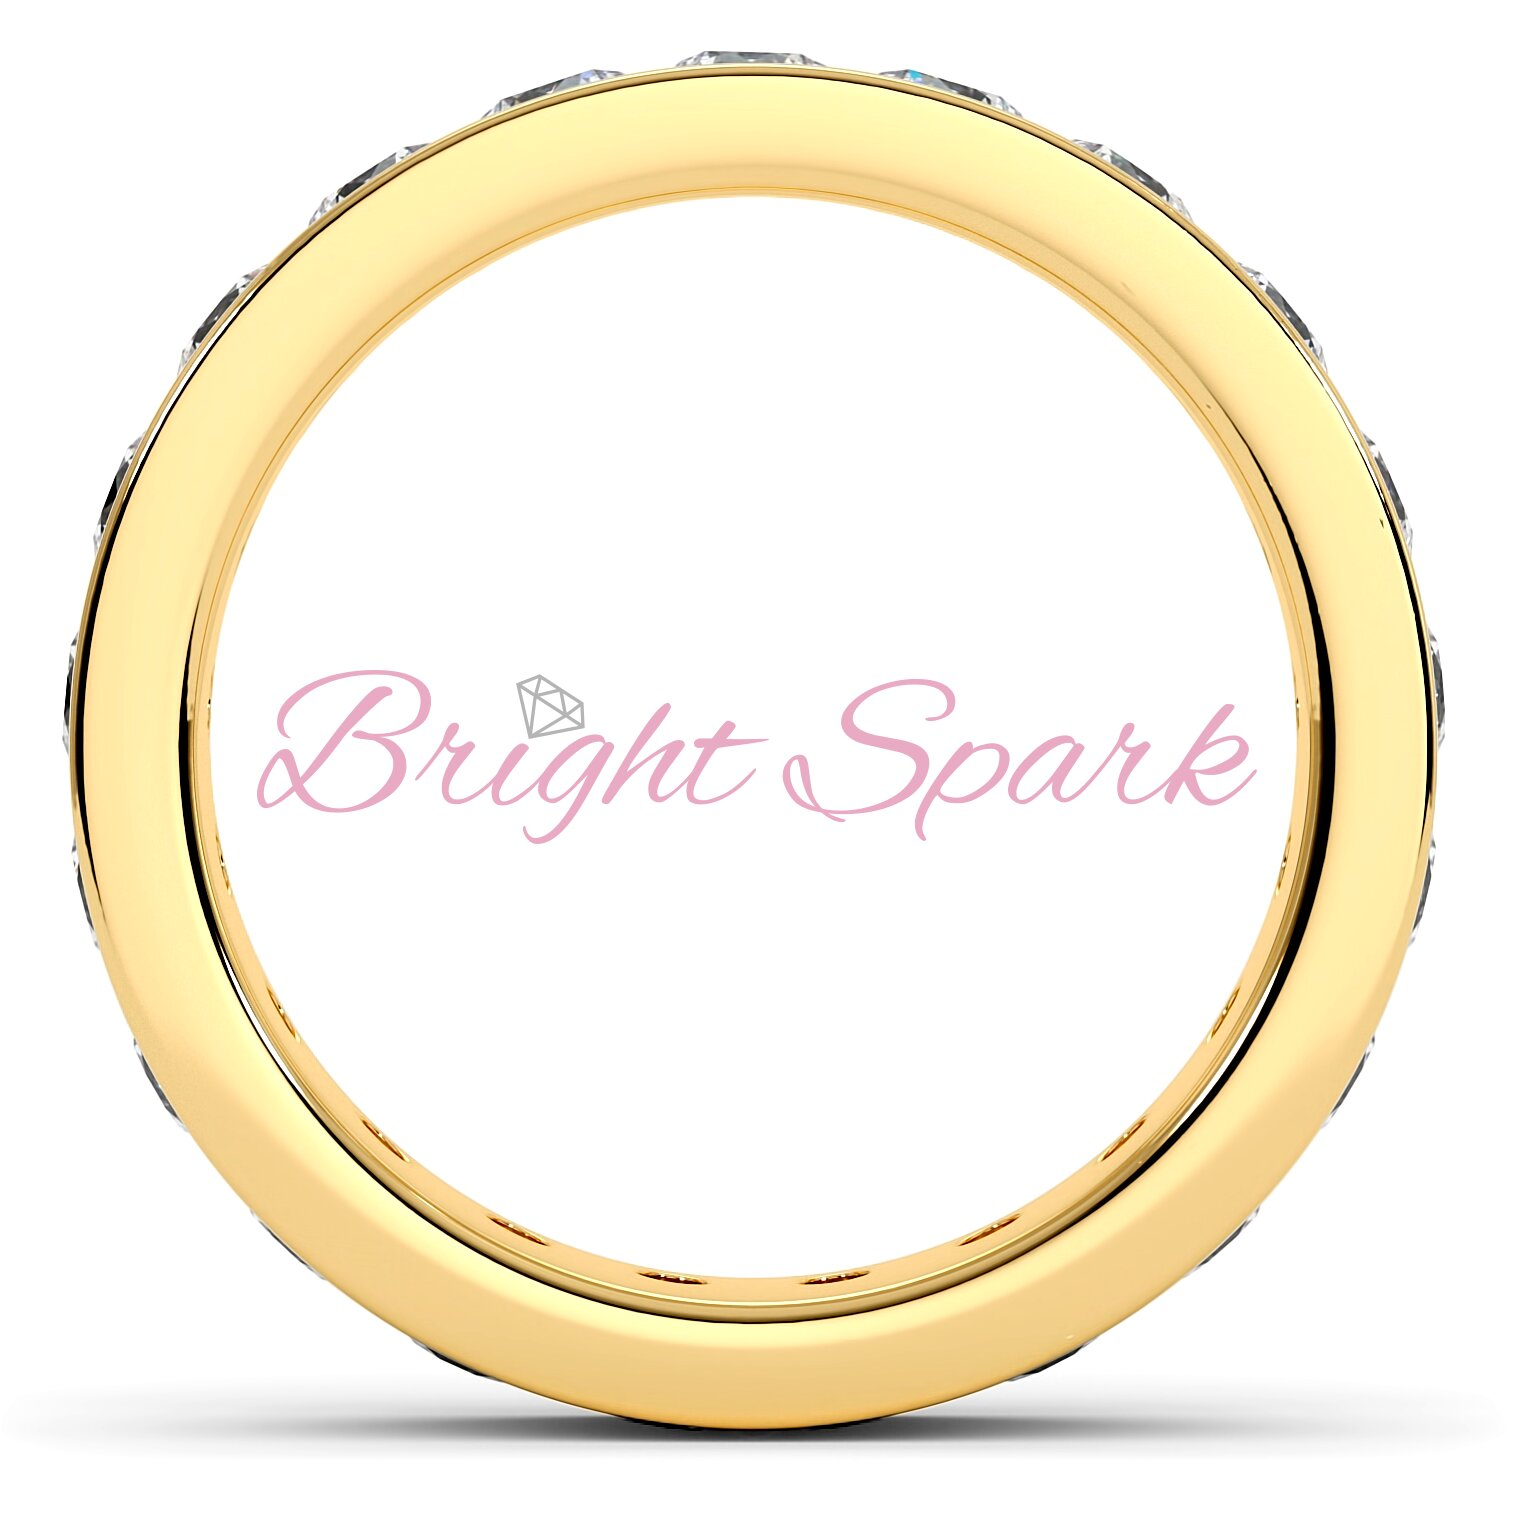 Обручальное кольцо желтого золота с дорожкой 3 мм Eternity  1,9 карата